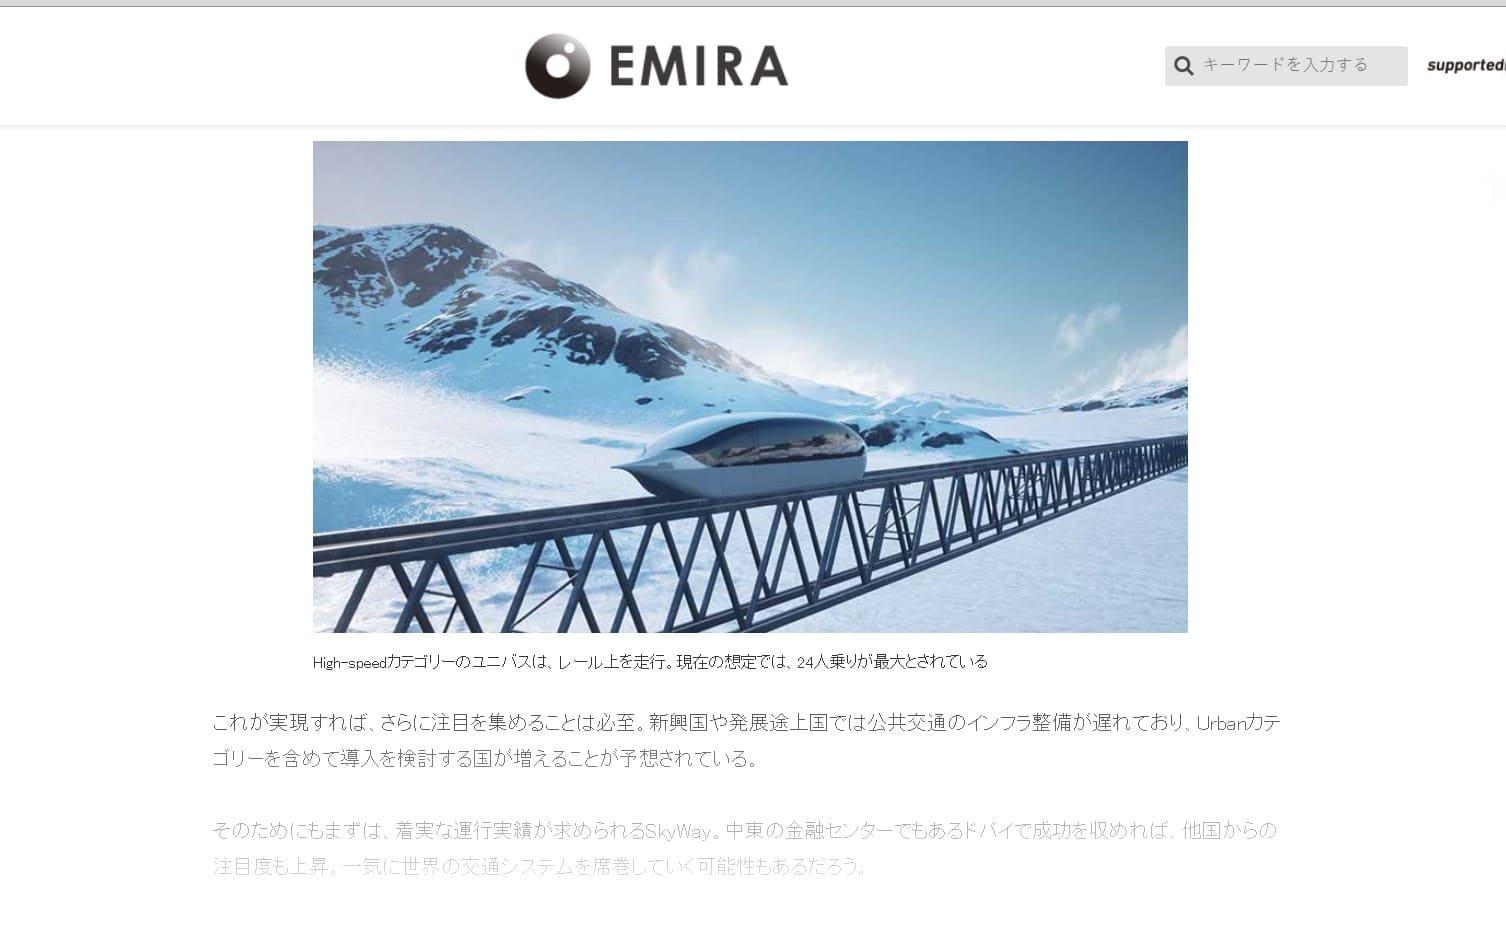 emira1